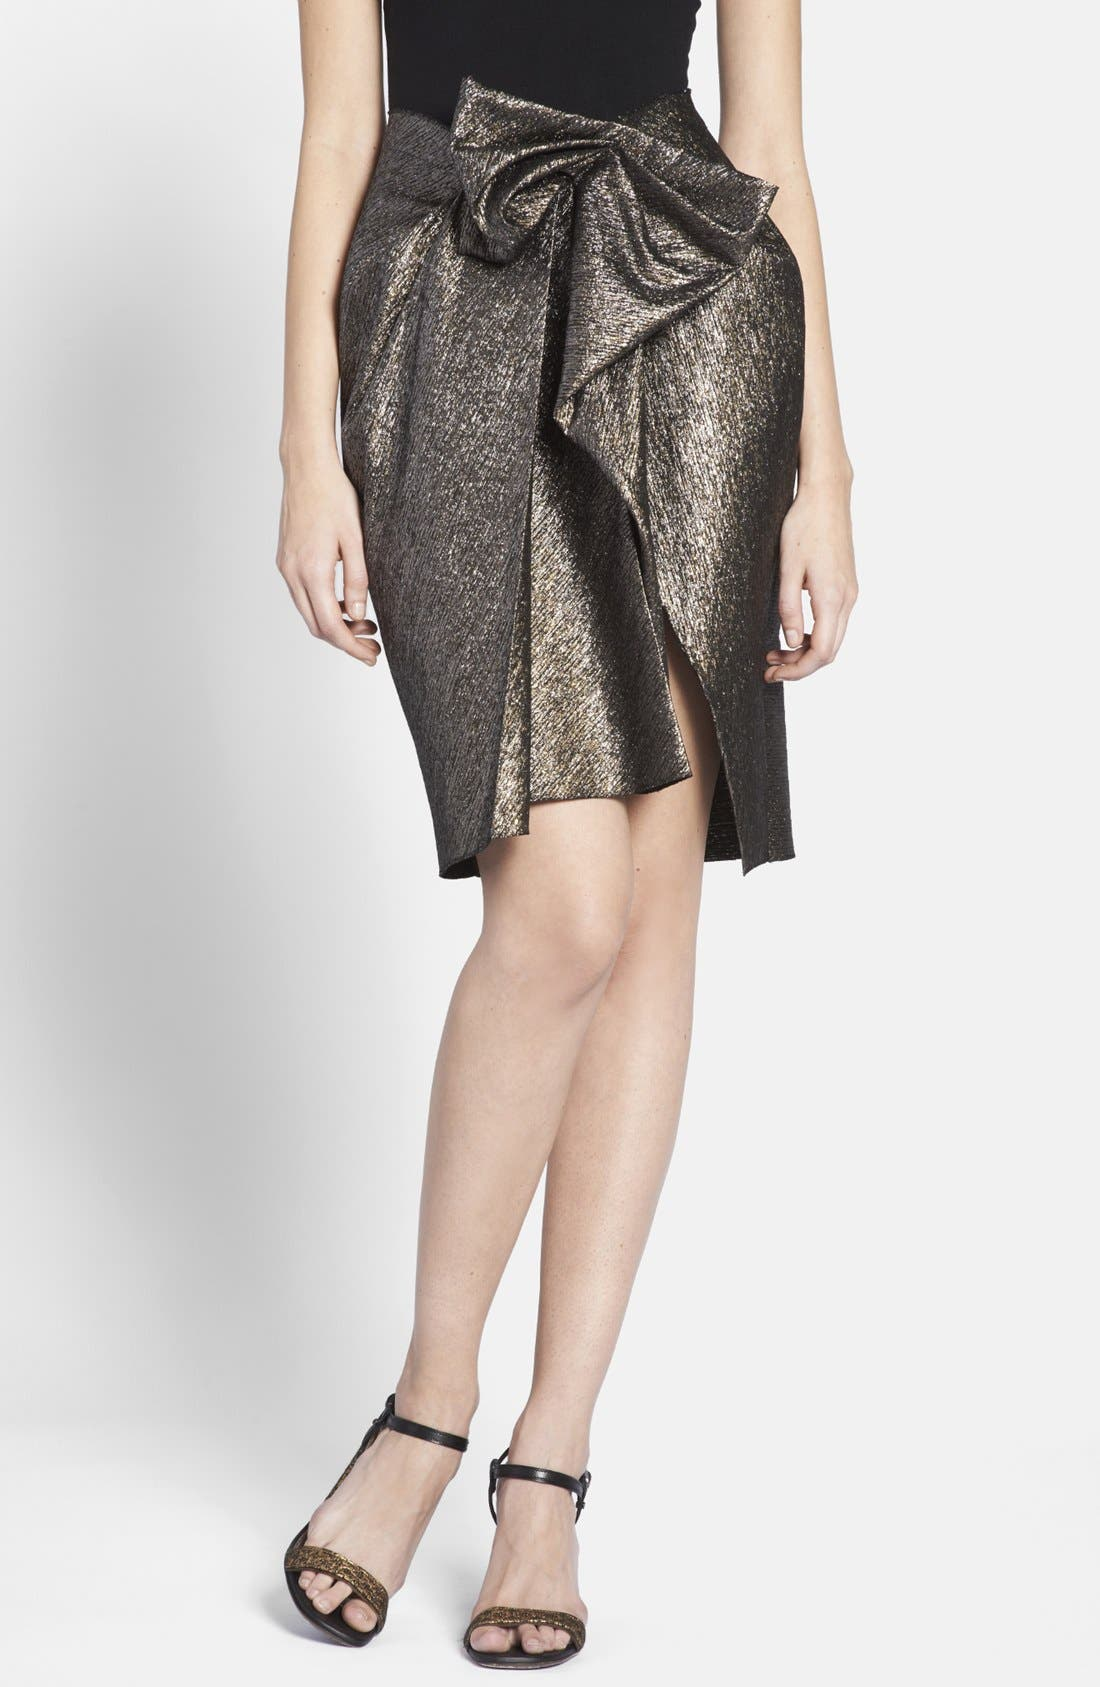 Alternate Image 1 Selected - Lanvin Front Bow Taffeta Skirt